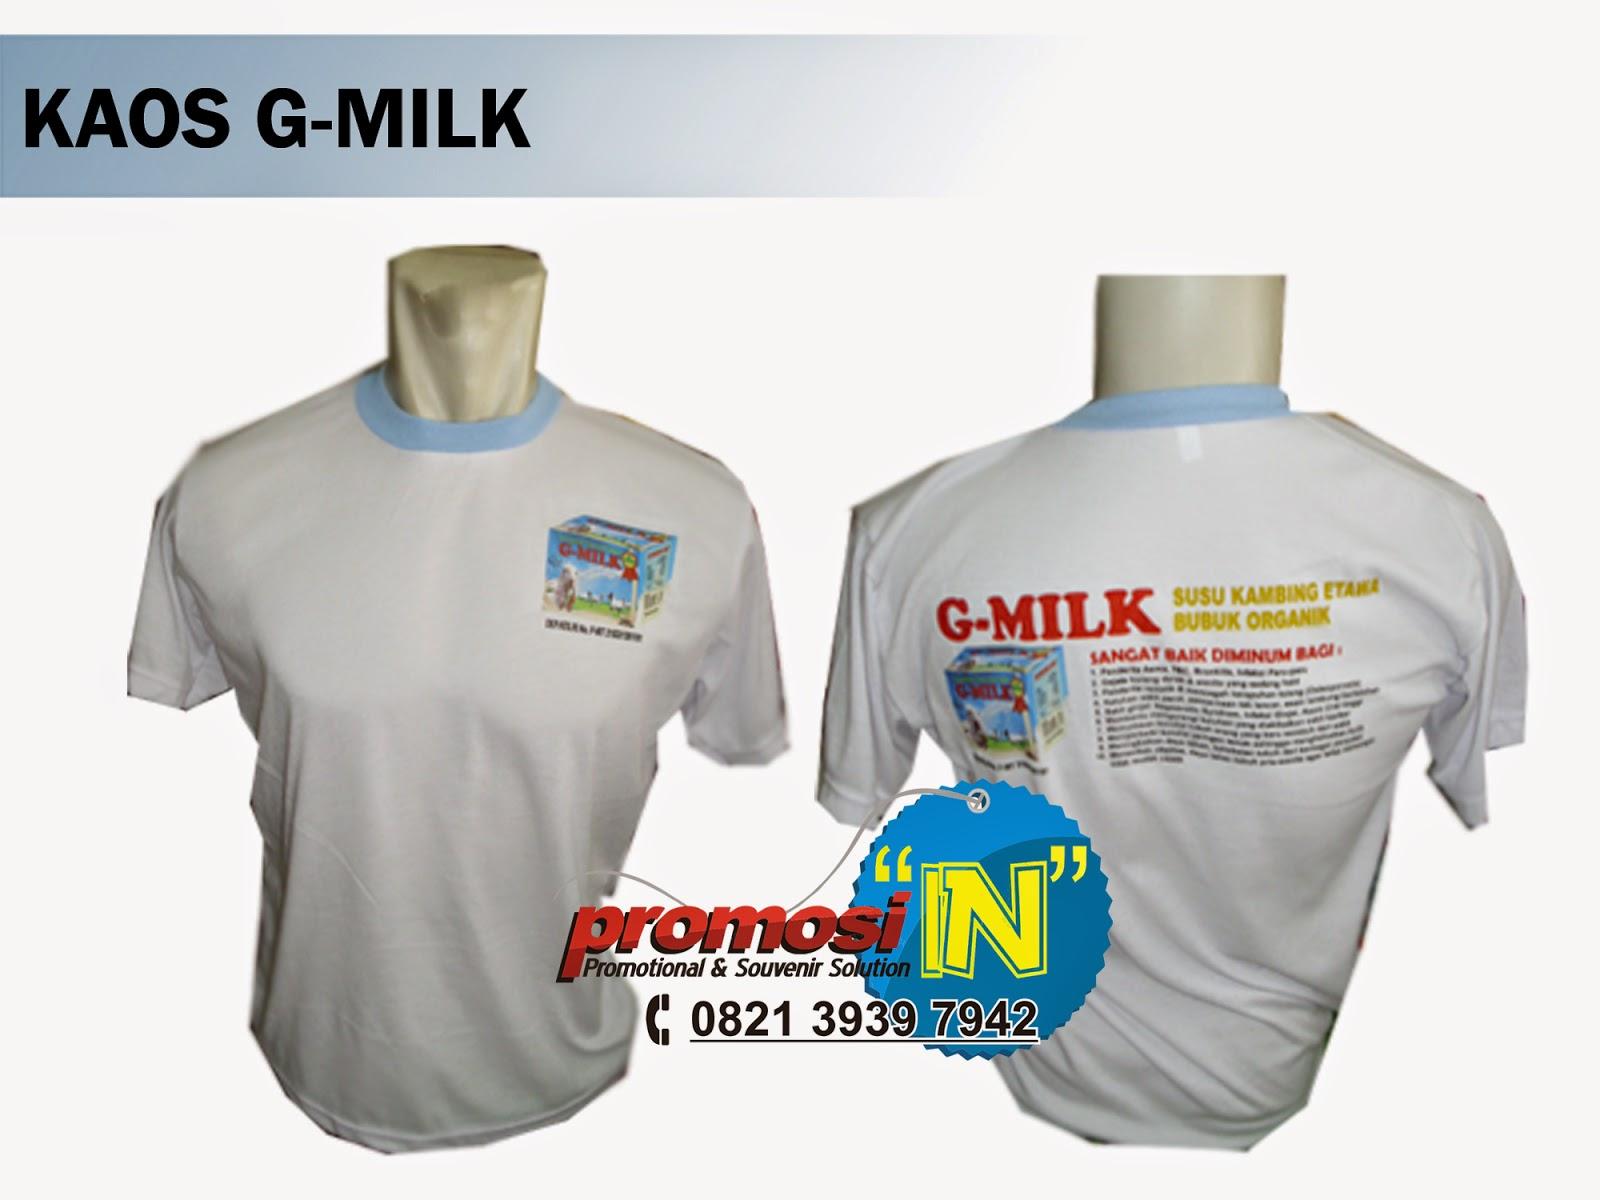 Kaos,Produsen Kaos di Surabaya,Pesan Kaos Polo Bordir,Jual Kaos Online,Agen Kaos Oblong Surabaya,